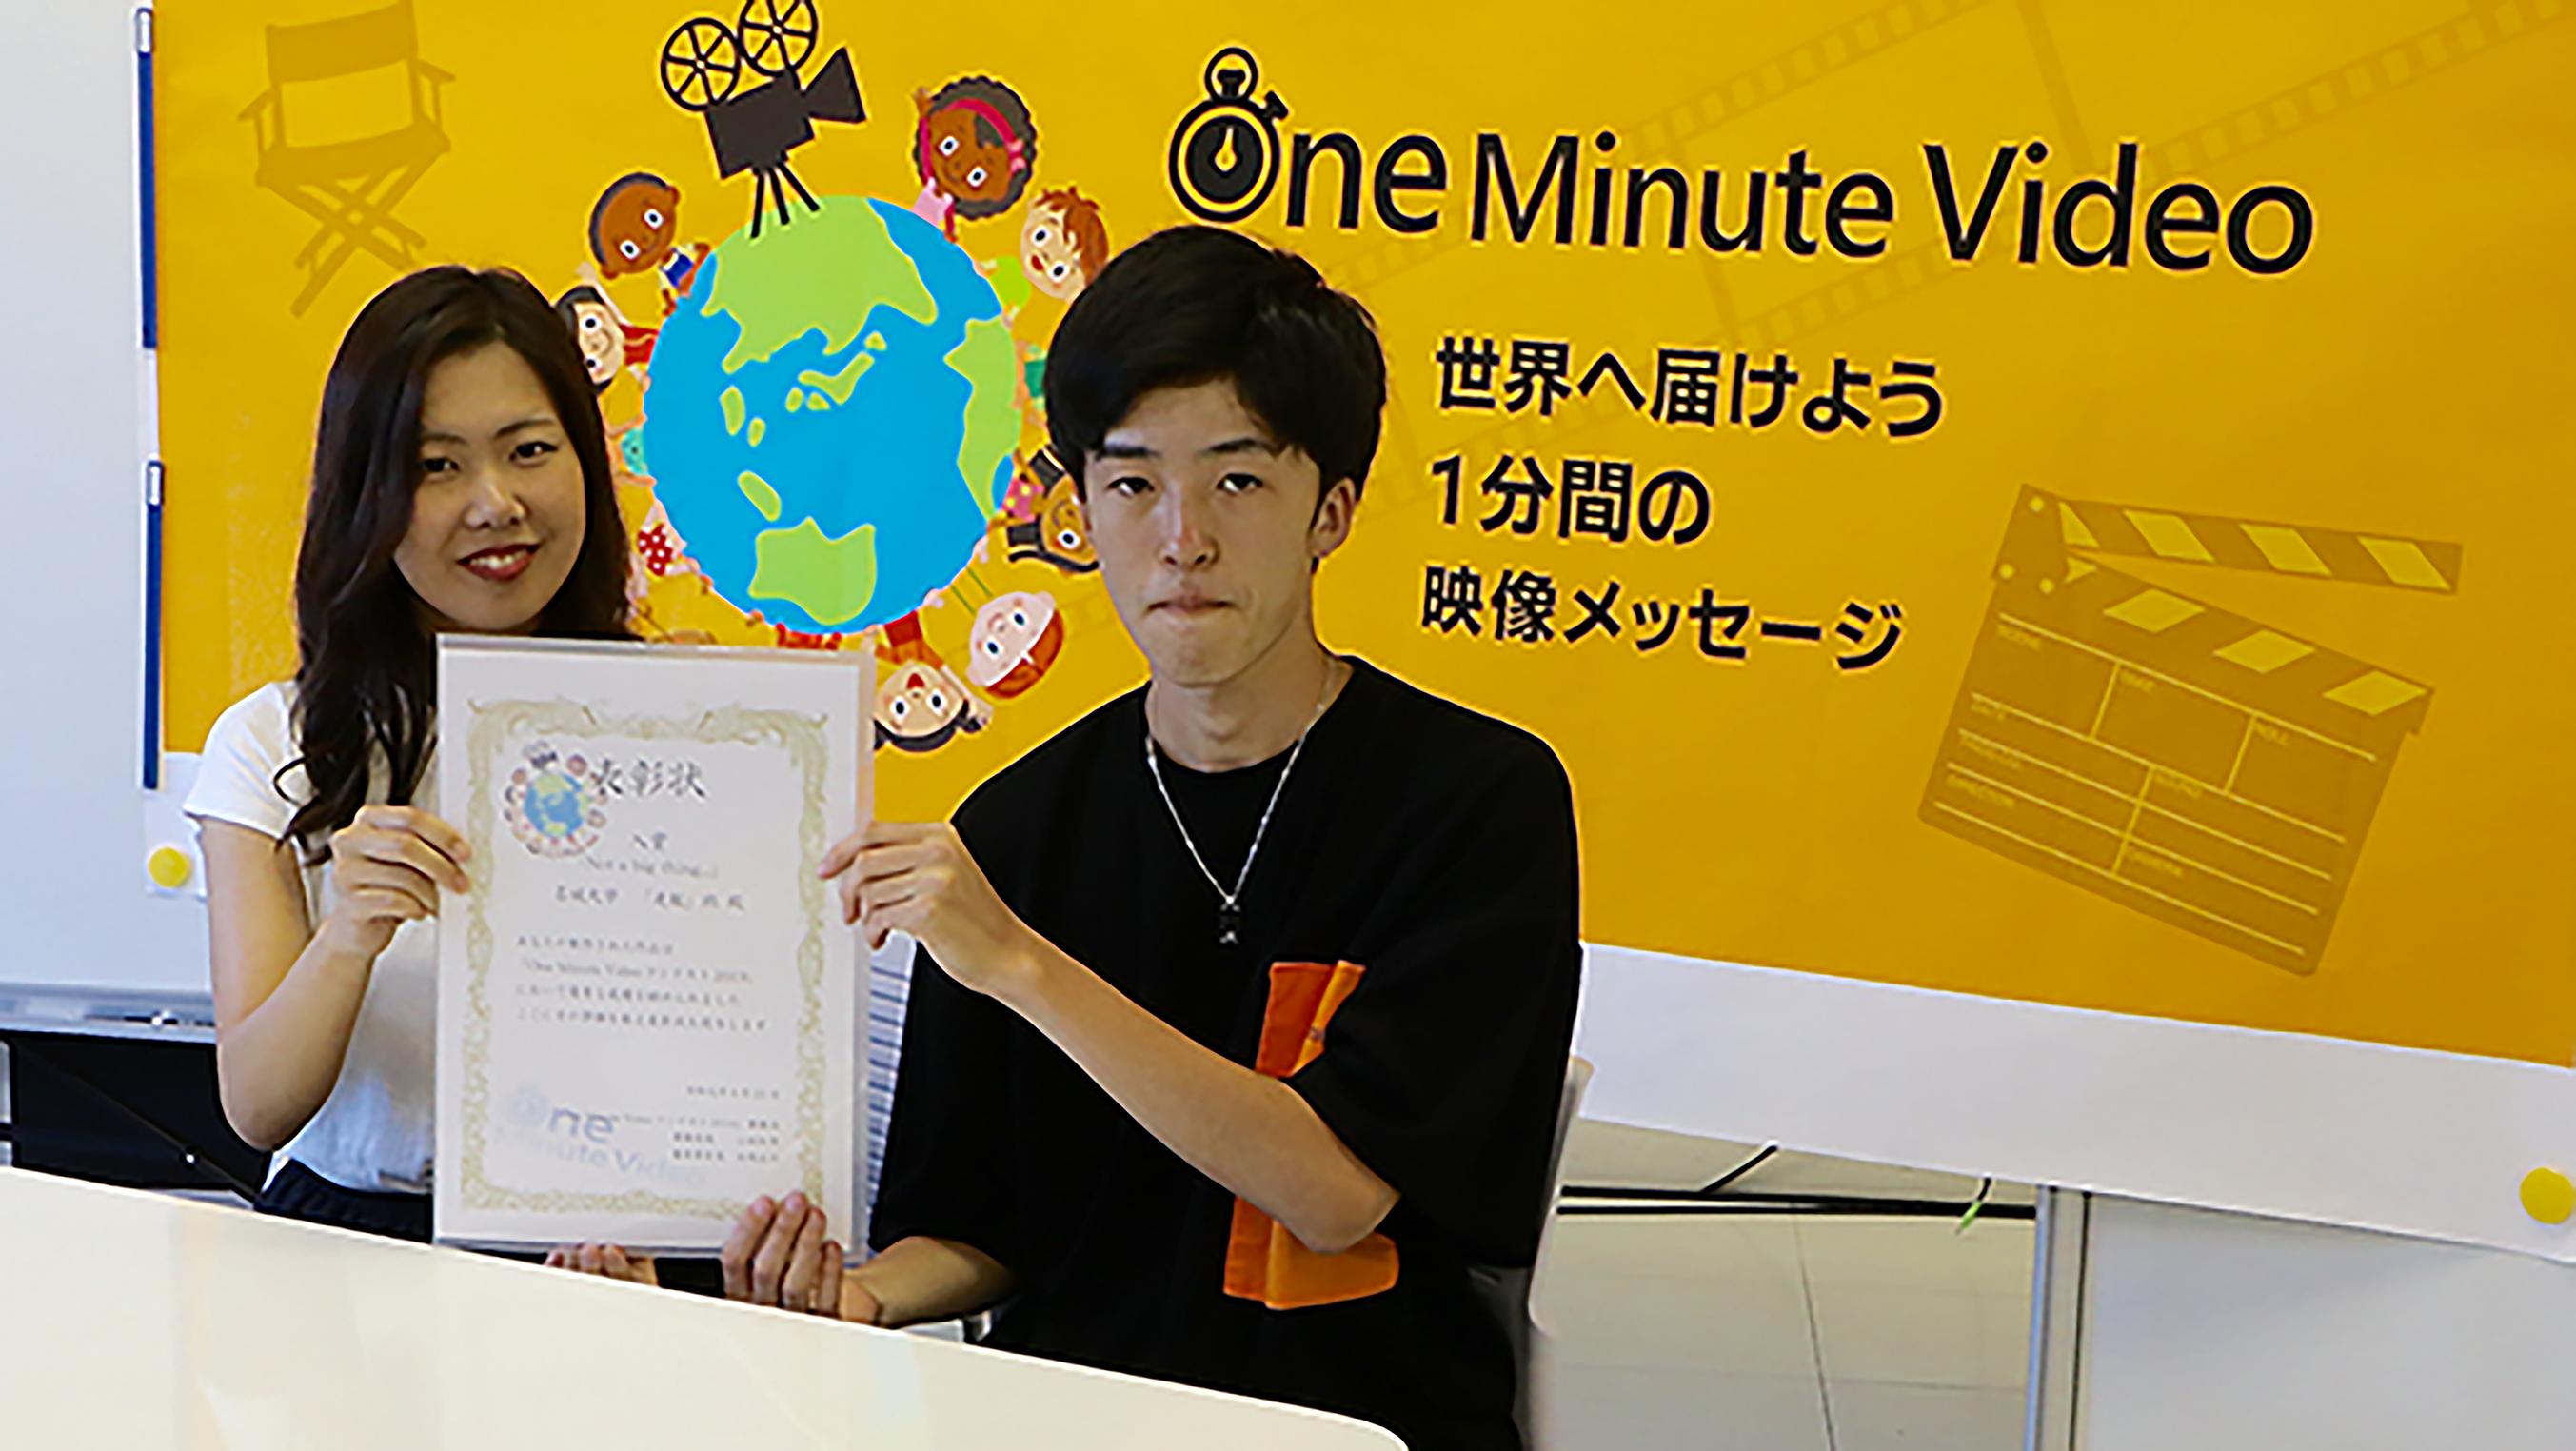 チーム代表者の大谷遥香さん(左)と牧野凱さん